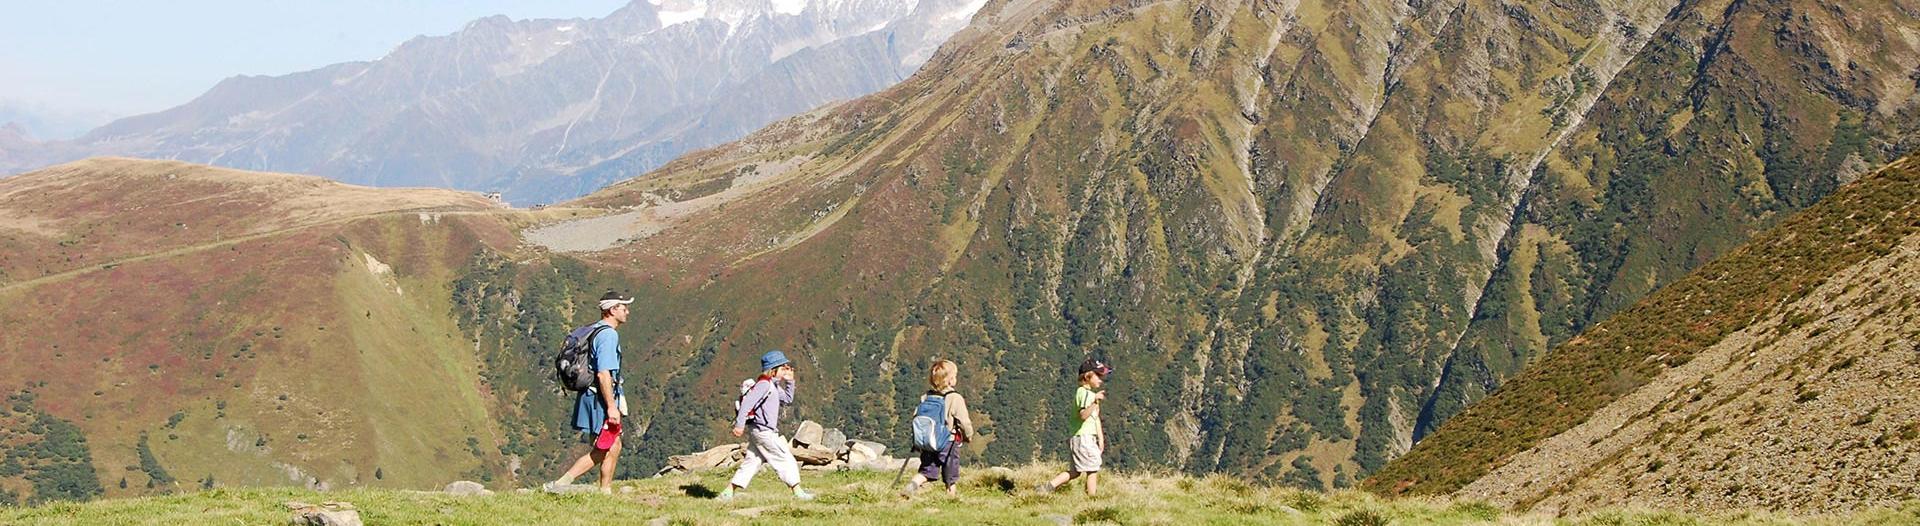 slider-region-alpes-haute-savoie